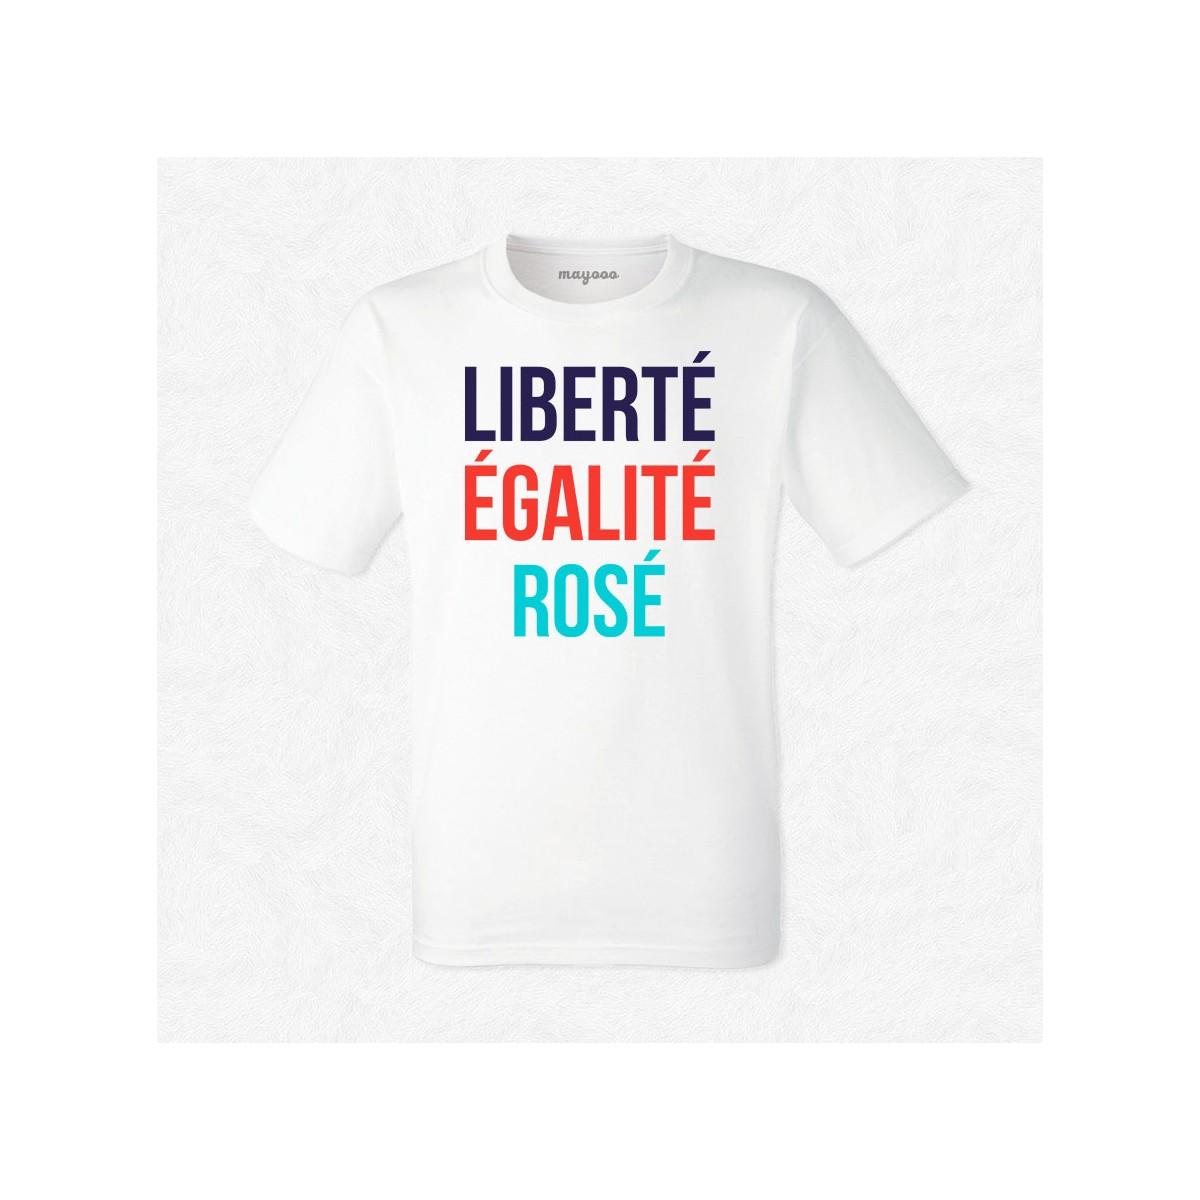 T-shirt Liberté, égalité, rosé